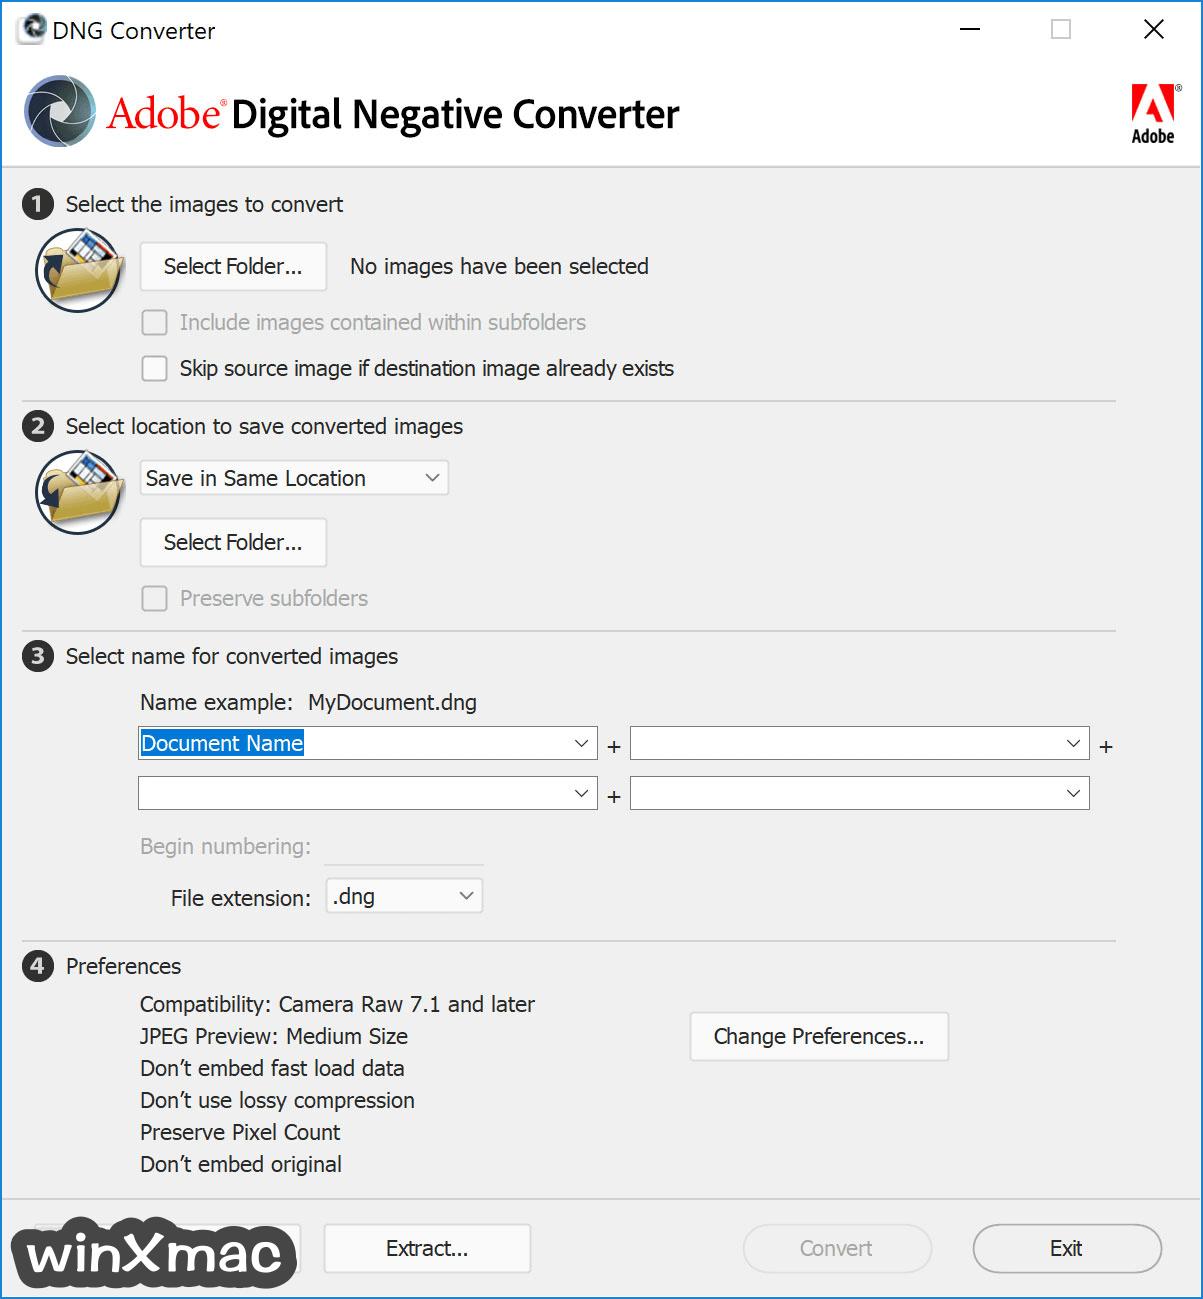 Adobe DNG Converter Screenshot 1